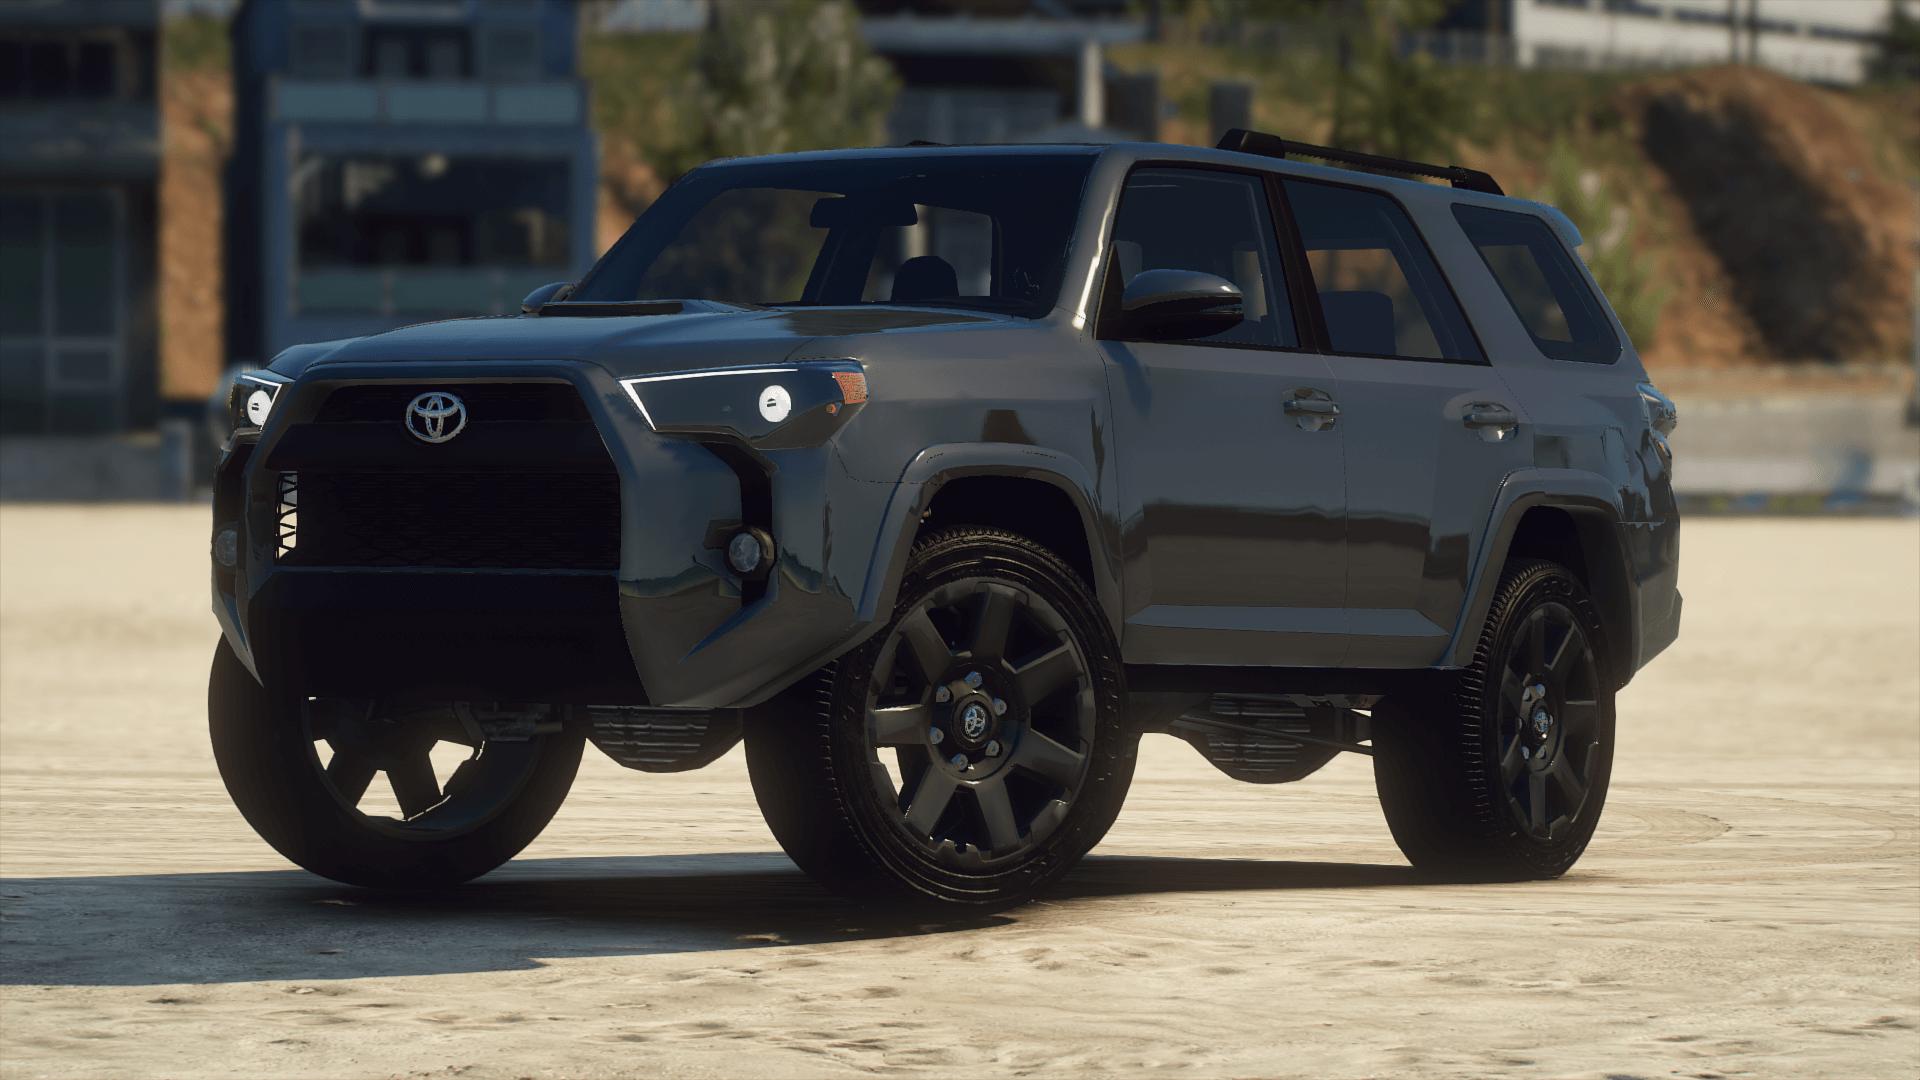 2020 Toyota 4Runner [Add-On / FiveM] 1.1